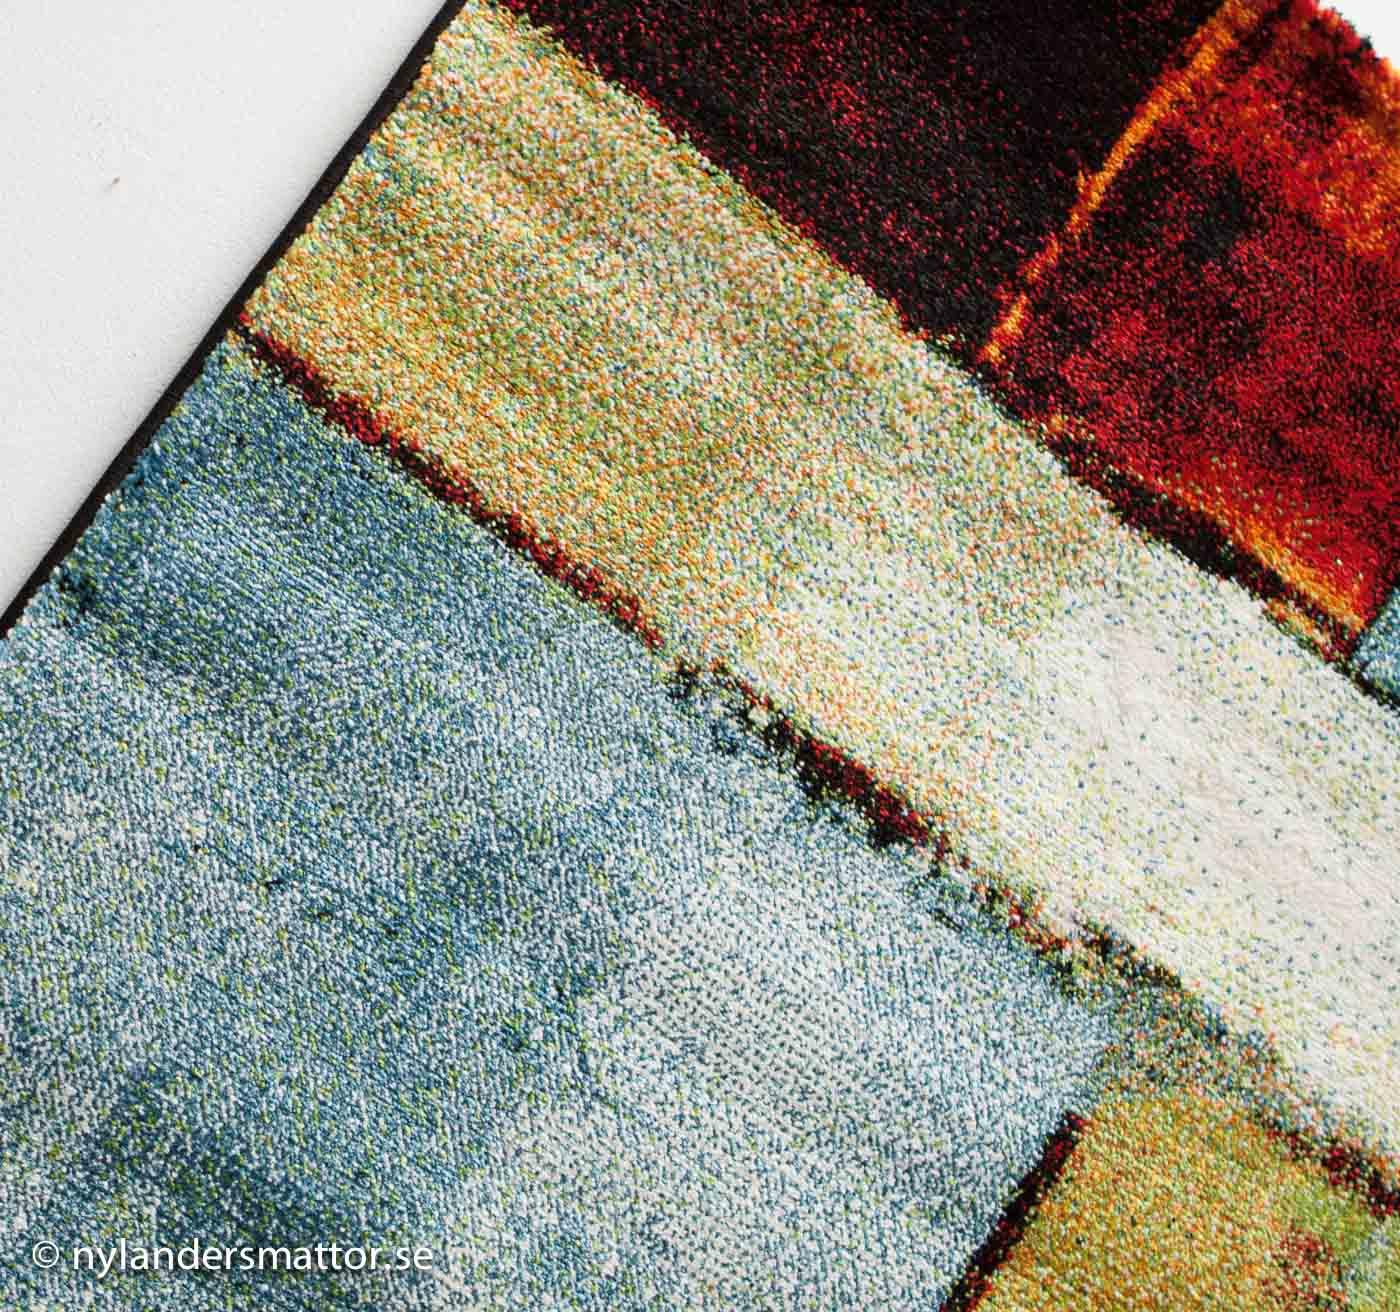 Galleri - färgglad matta till vardagsrummet - Nylanders Mattor